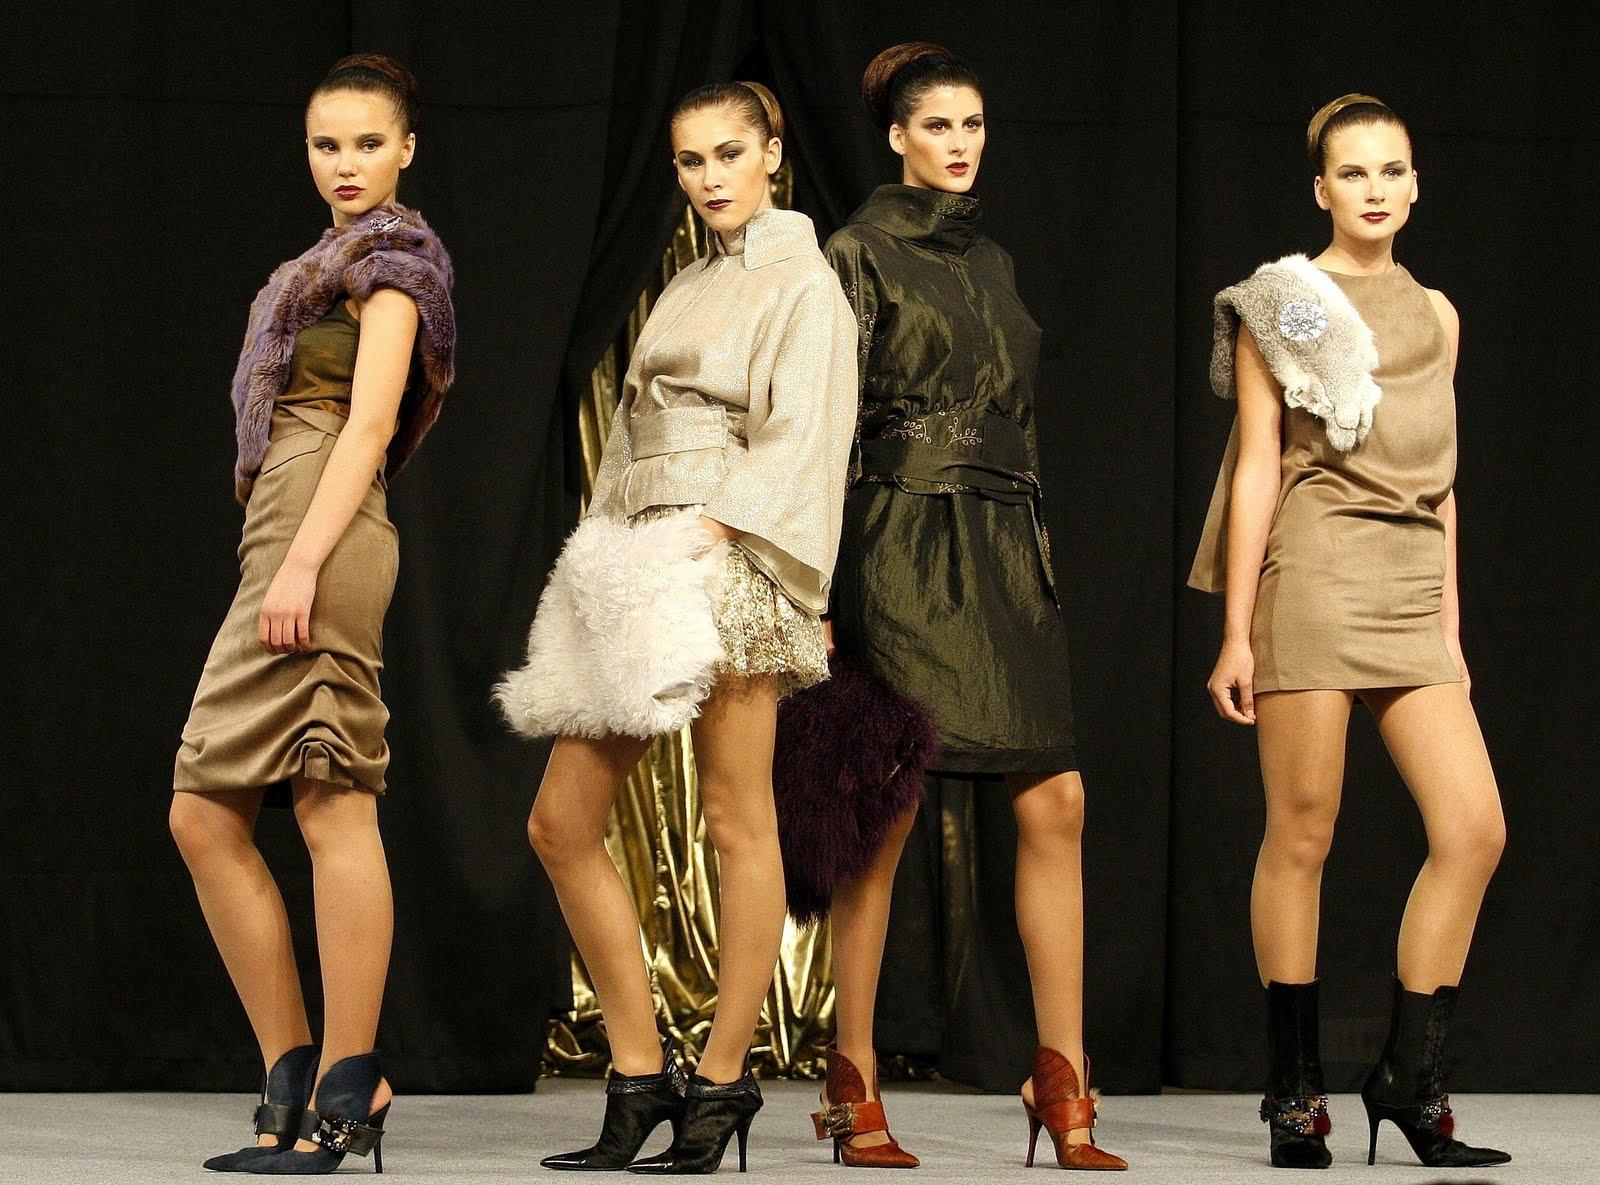 Pasarela de moda